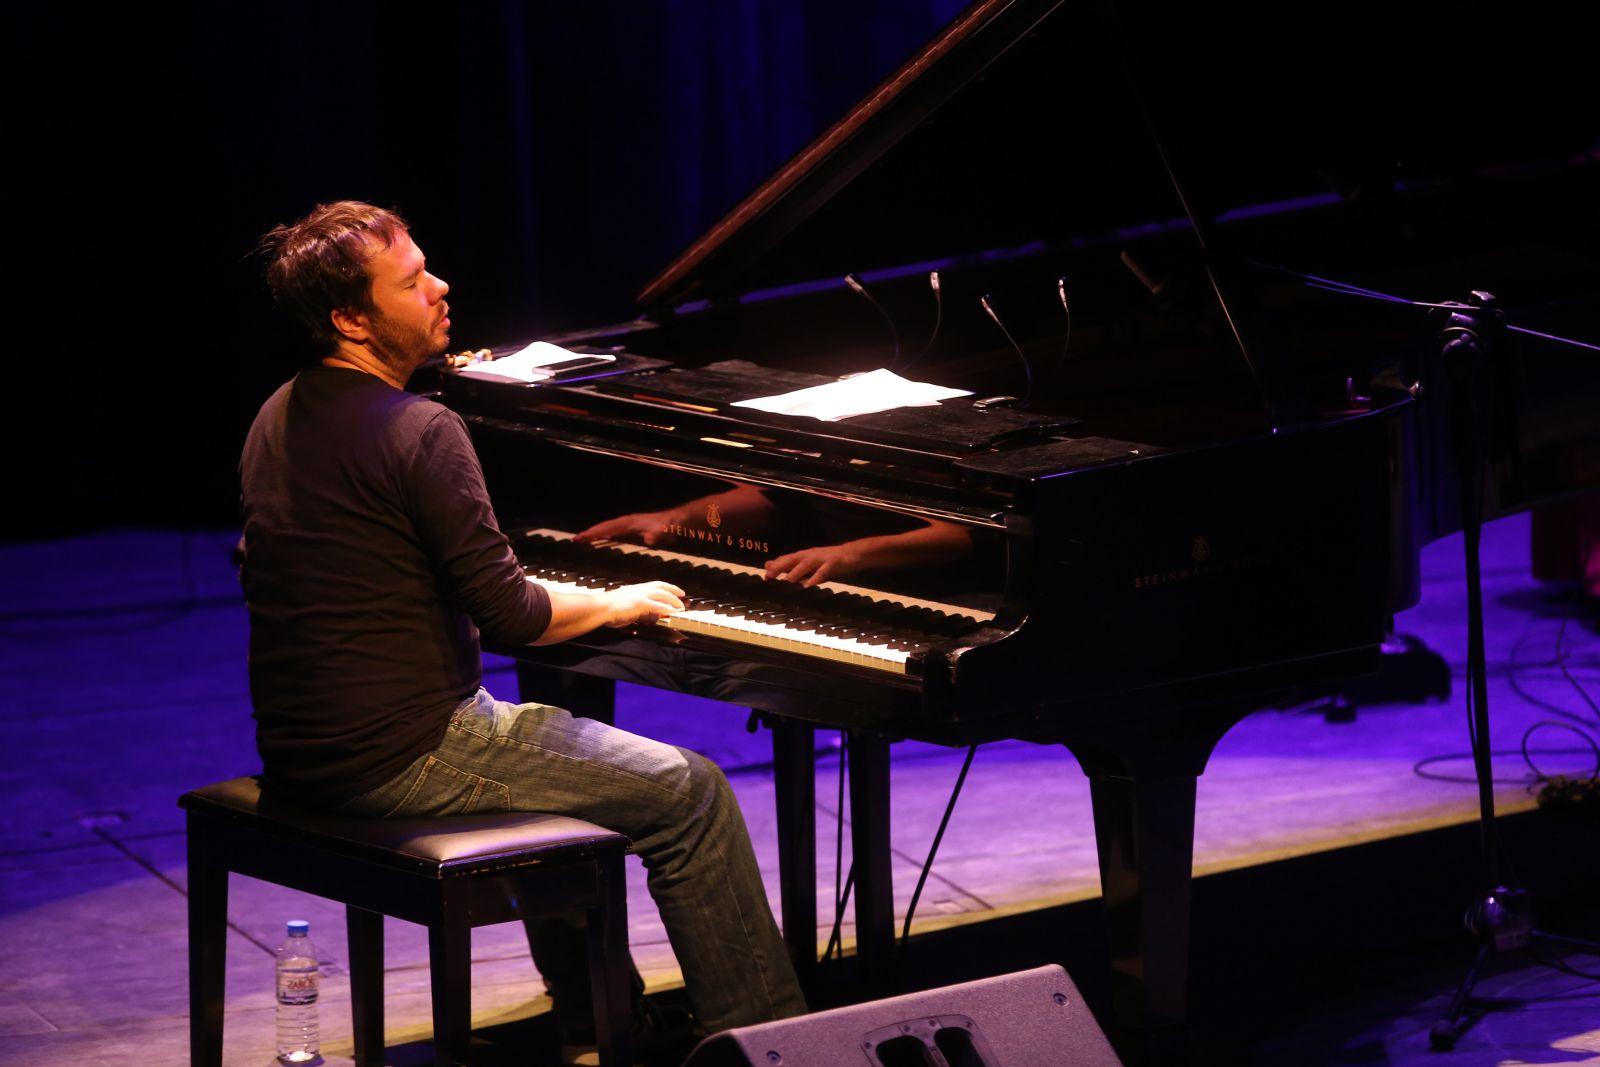 Φωτογραφία του πιανίστα Σπύρου Μάνεση